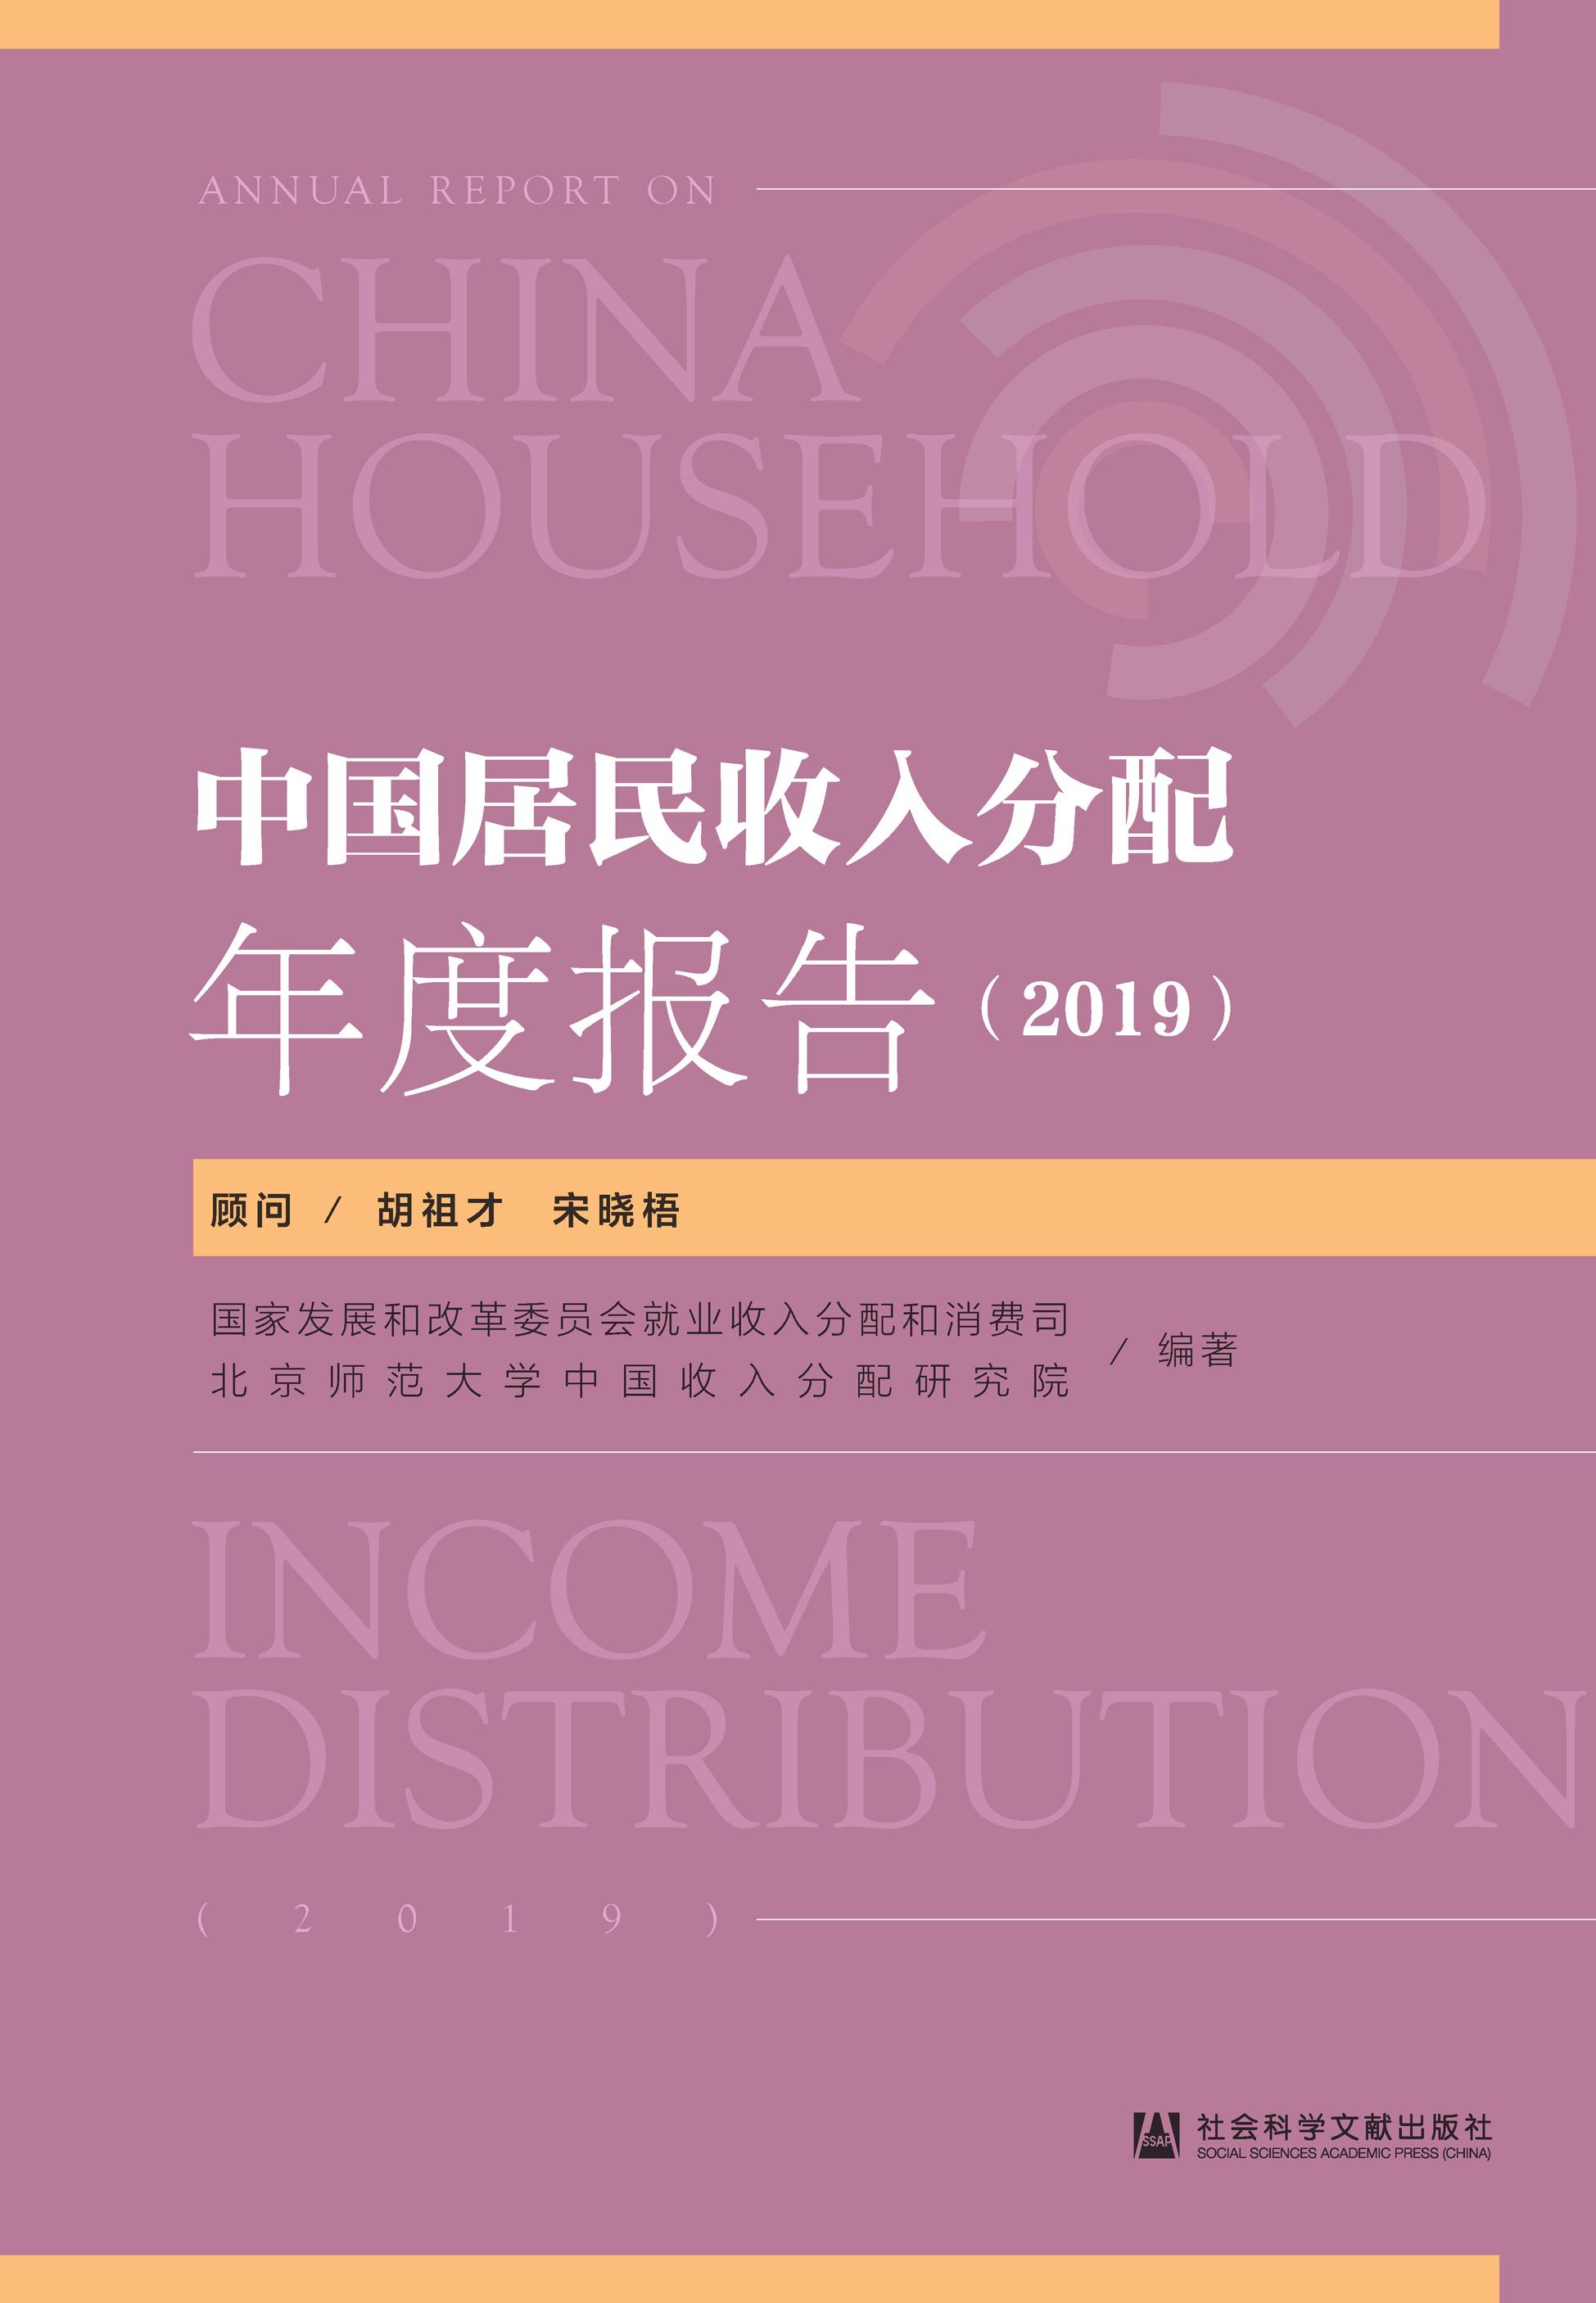 中国居民收入分配年度报告(2019)